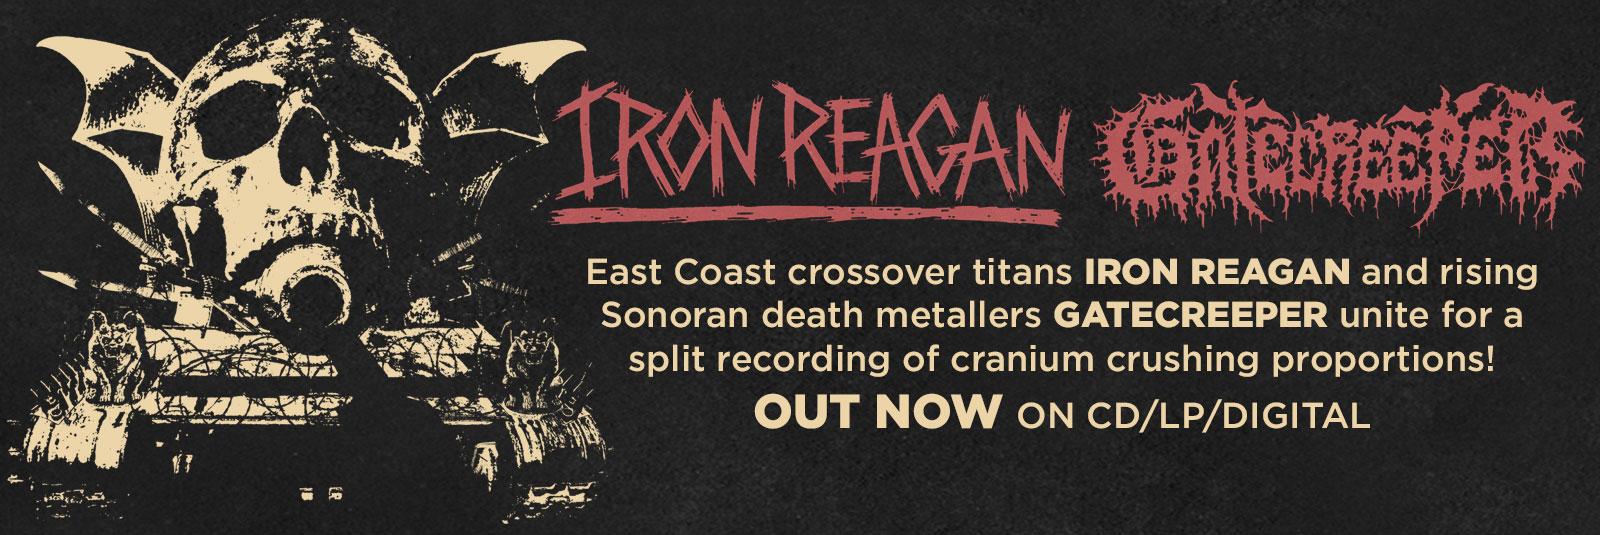 iron-reagan-gatecreeper-split-out-now